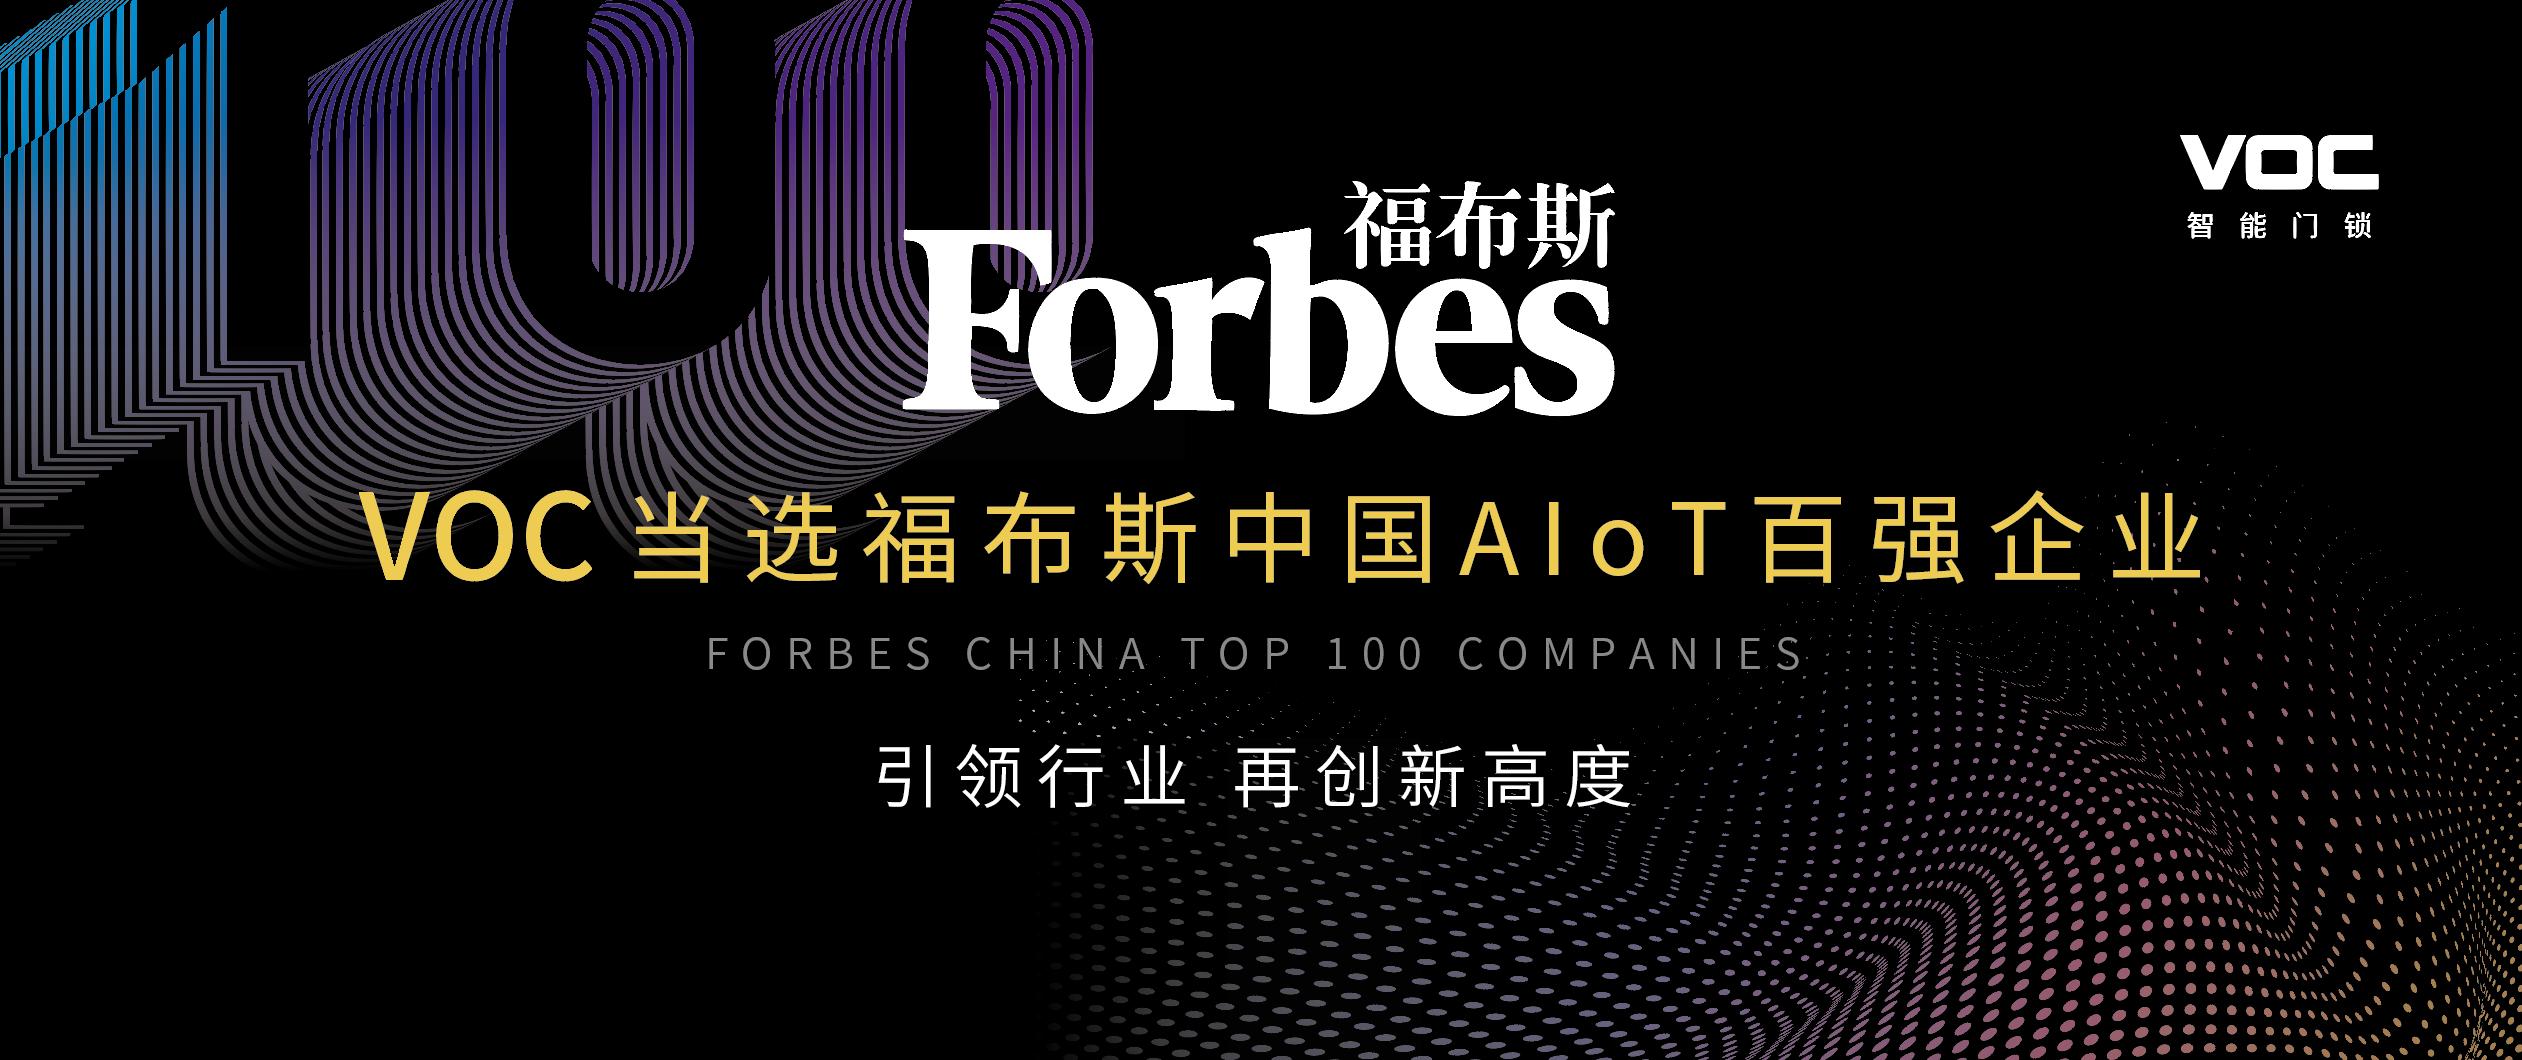 以实力证明领导力,VOC当选福布斯中国AIoT百强企业!